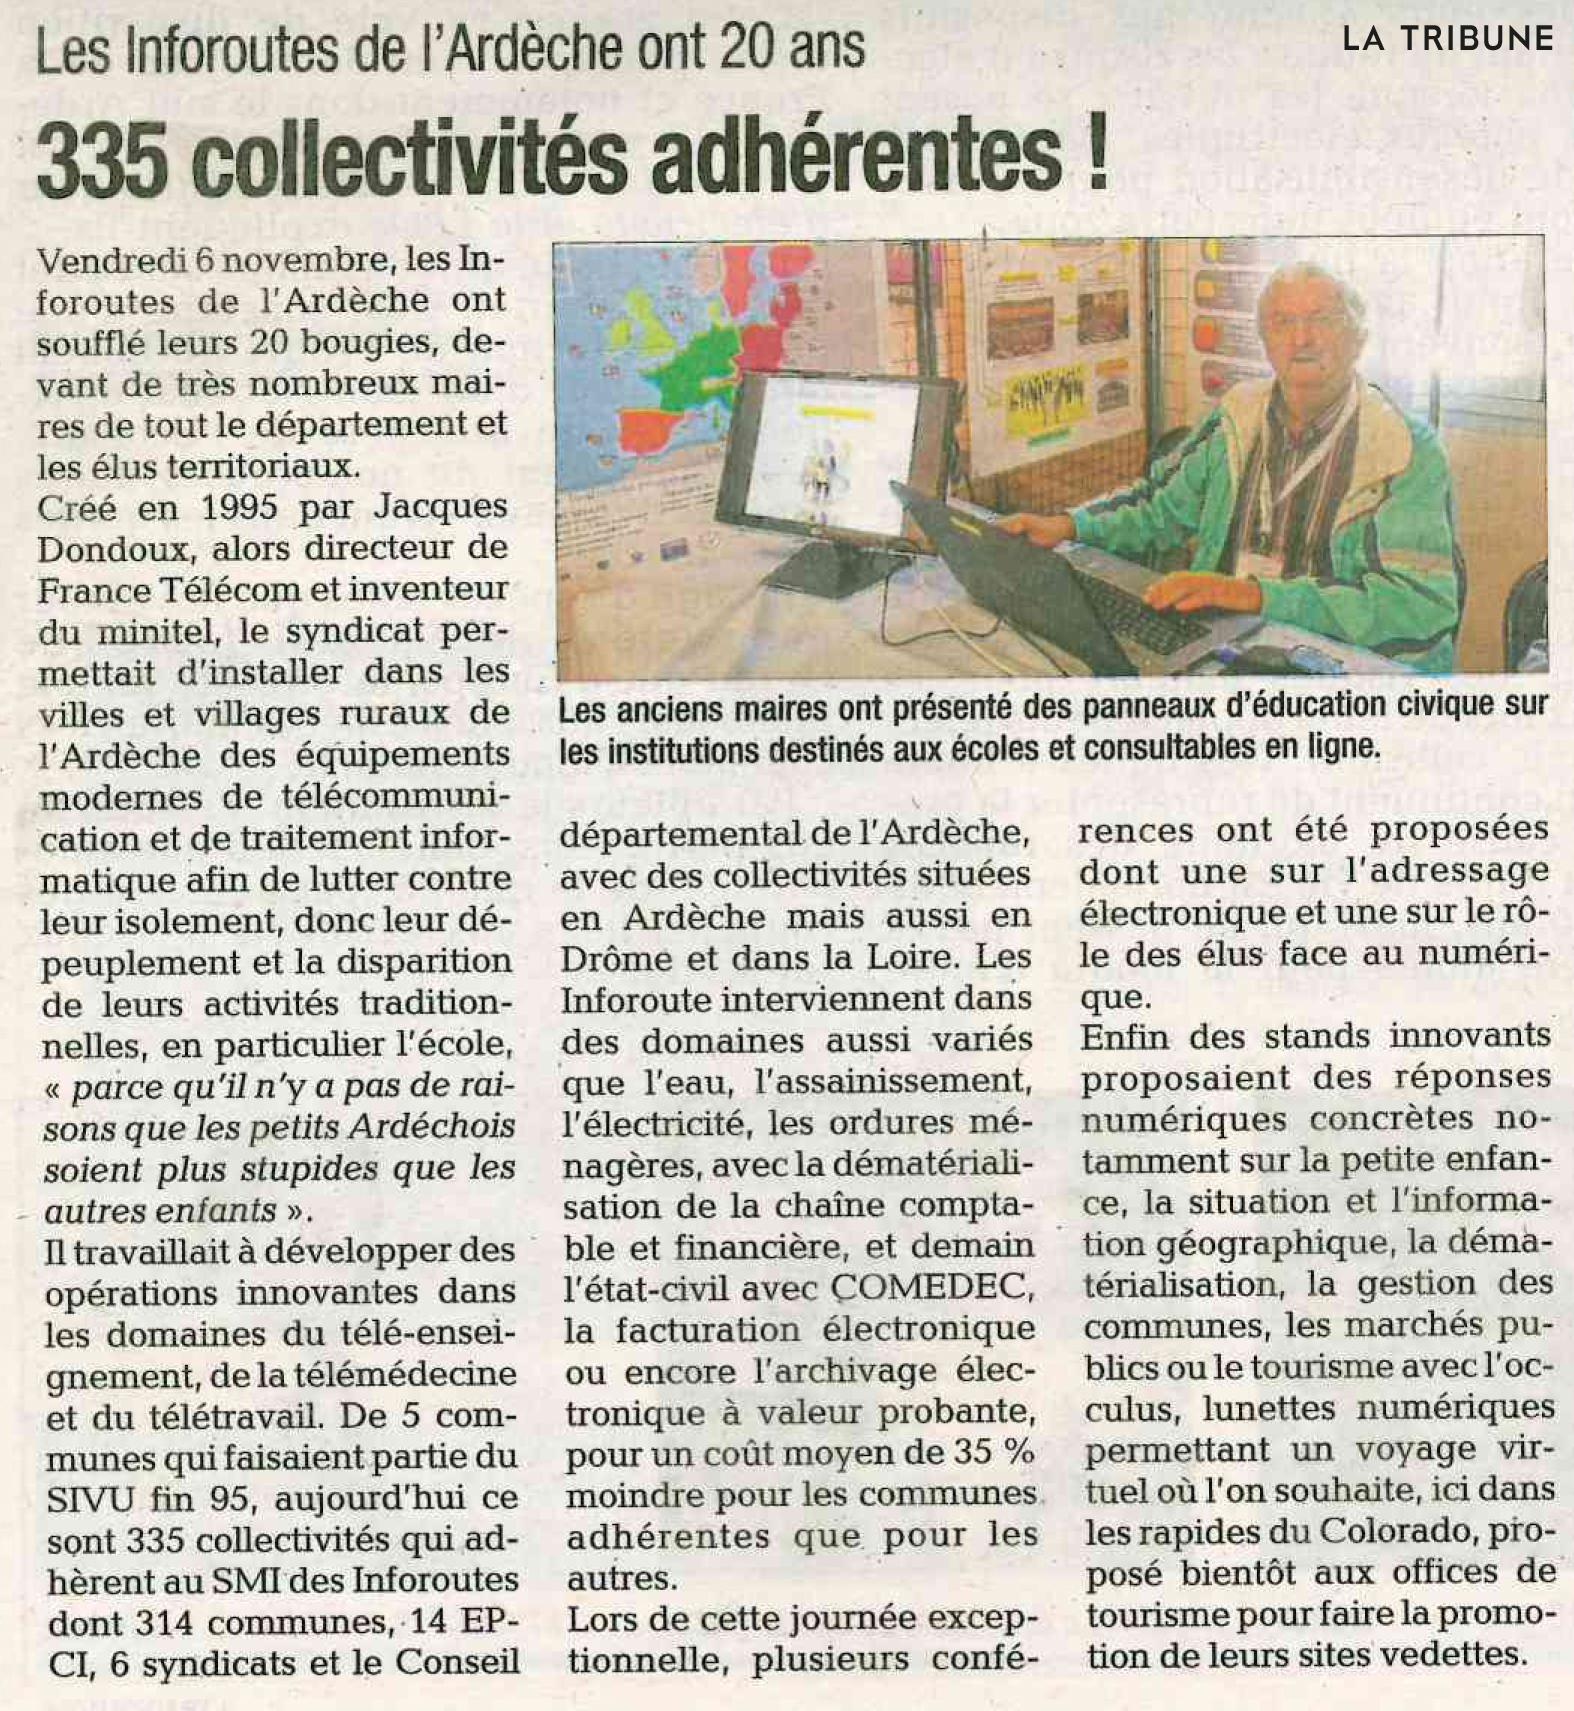 article-LA-TRIBUNE